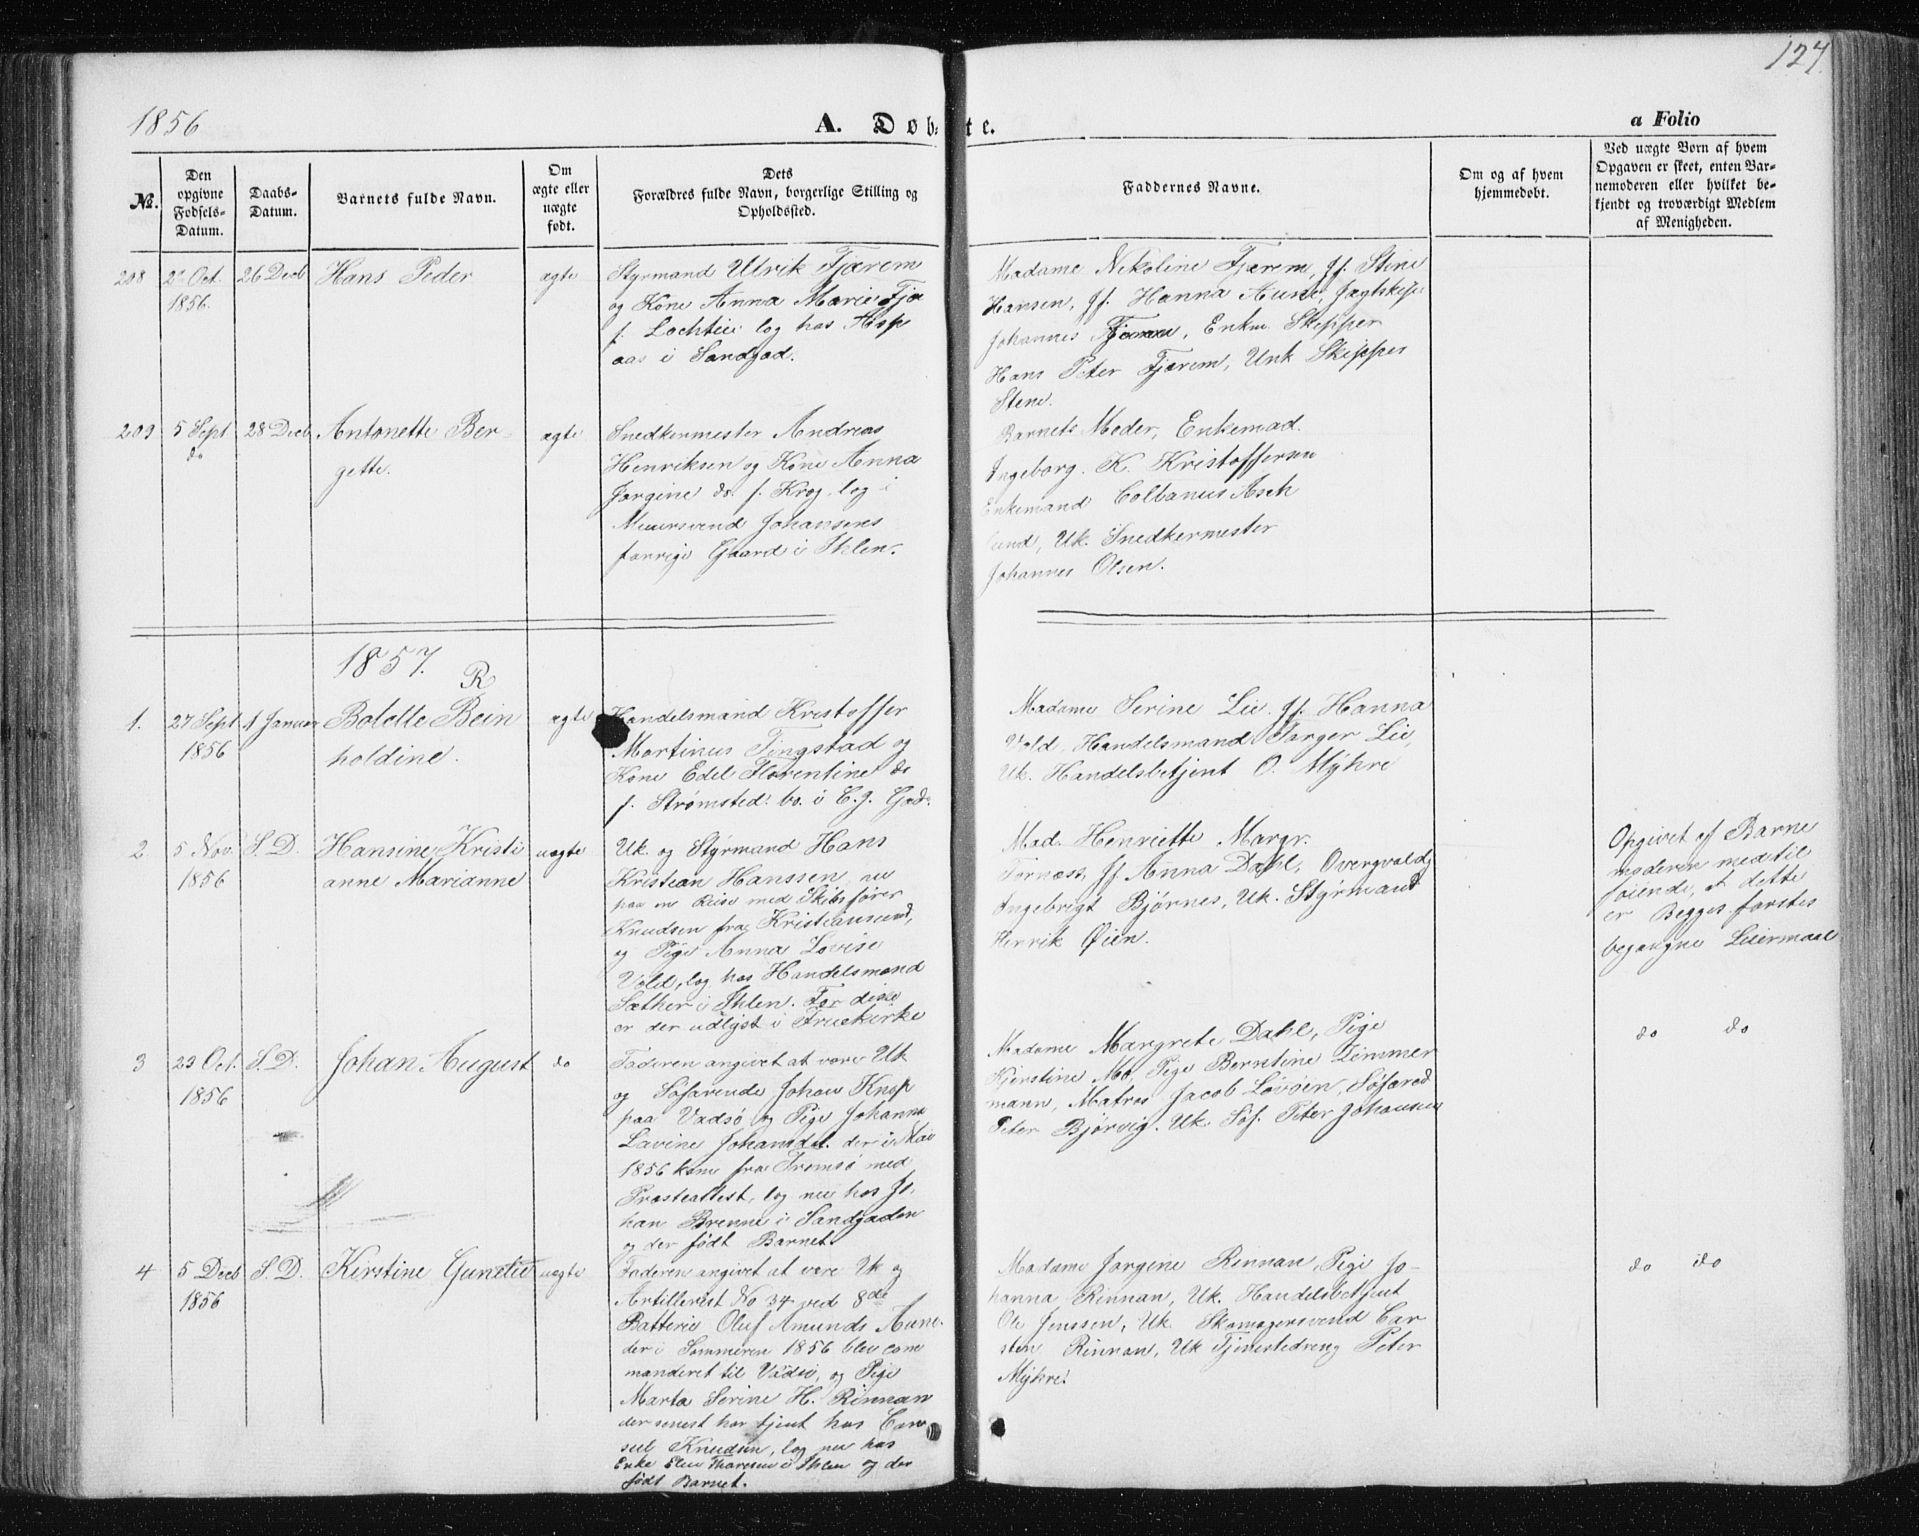 SAT, Ministerialprotokoller, klokkerbøker og fødselsregistre - Sør-Trøndelag, 602/L0112: Ministerialbok nr. 602A10, 1848-1859, s. 127